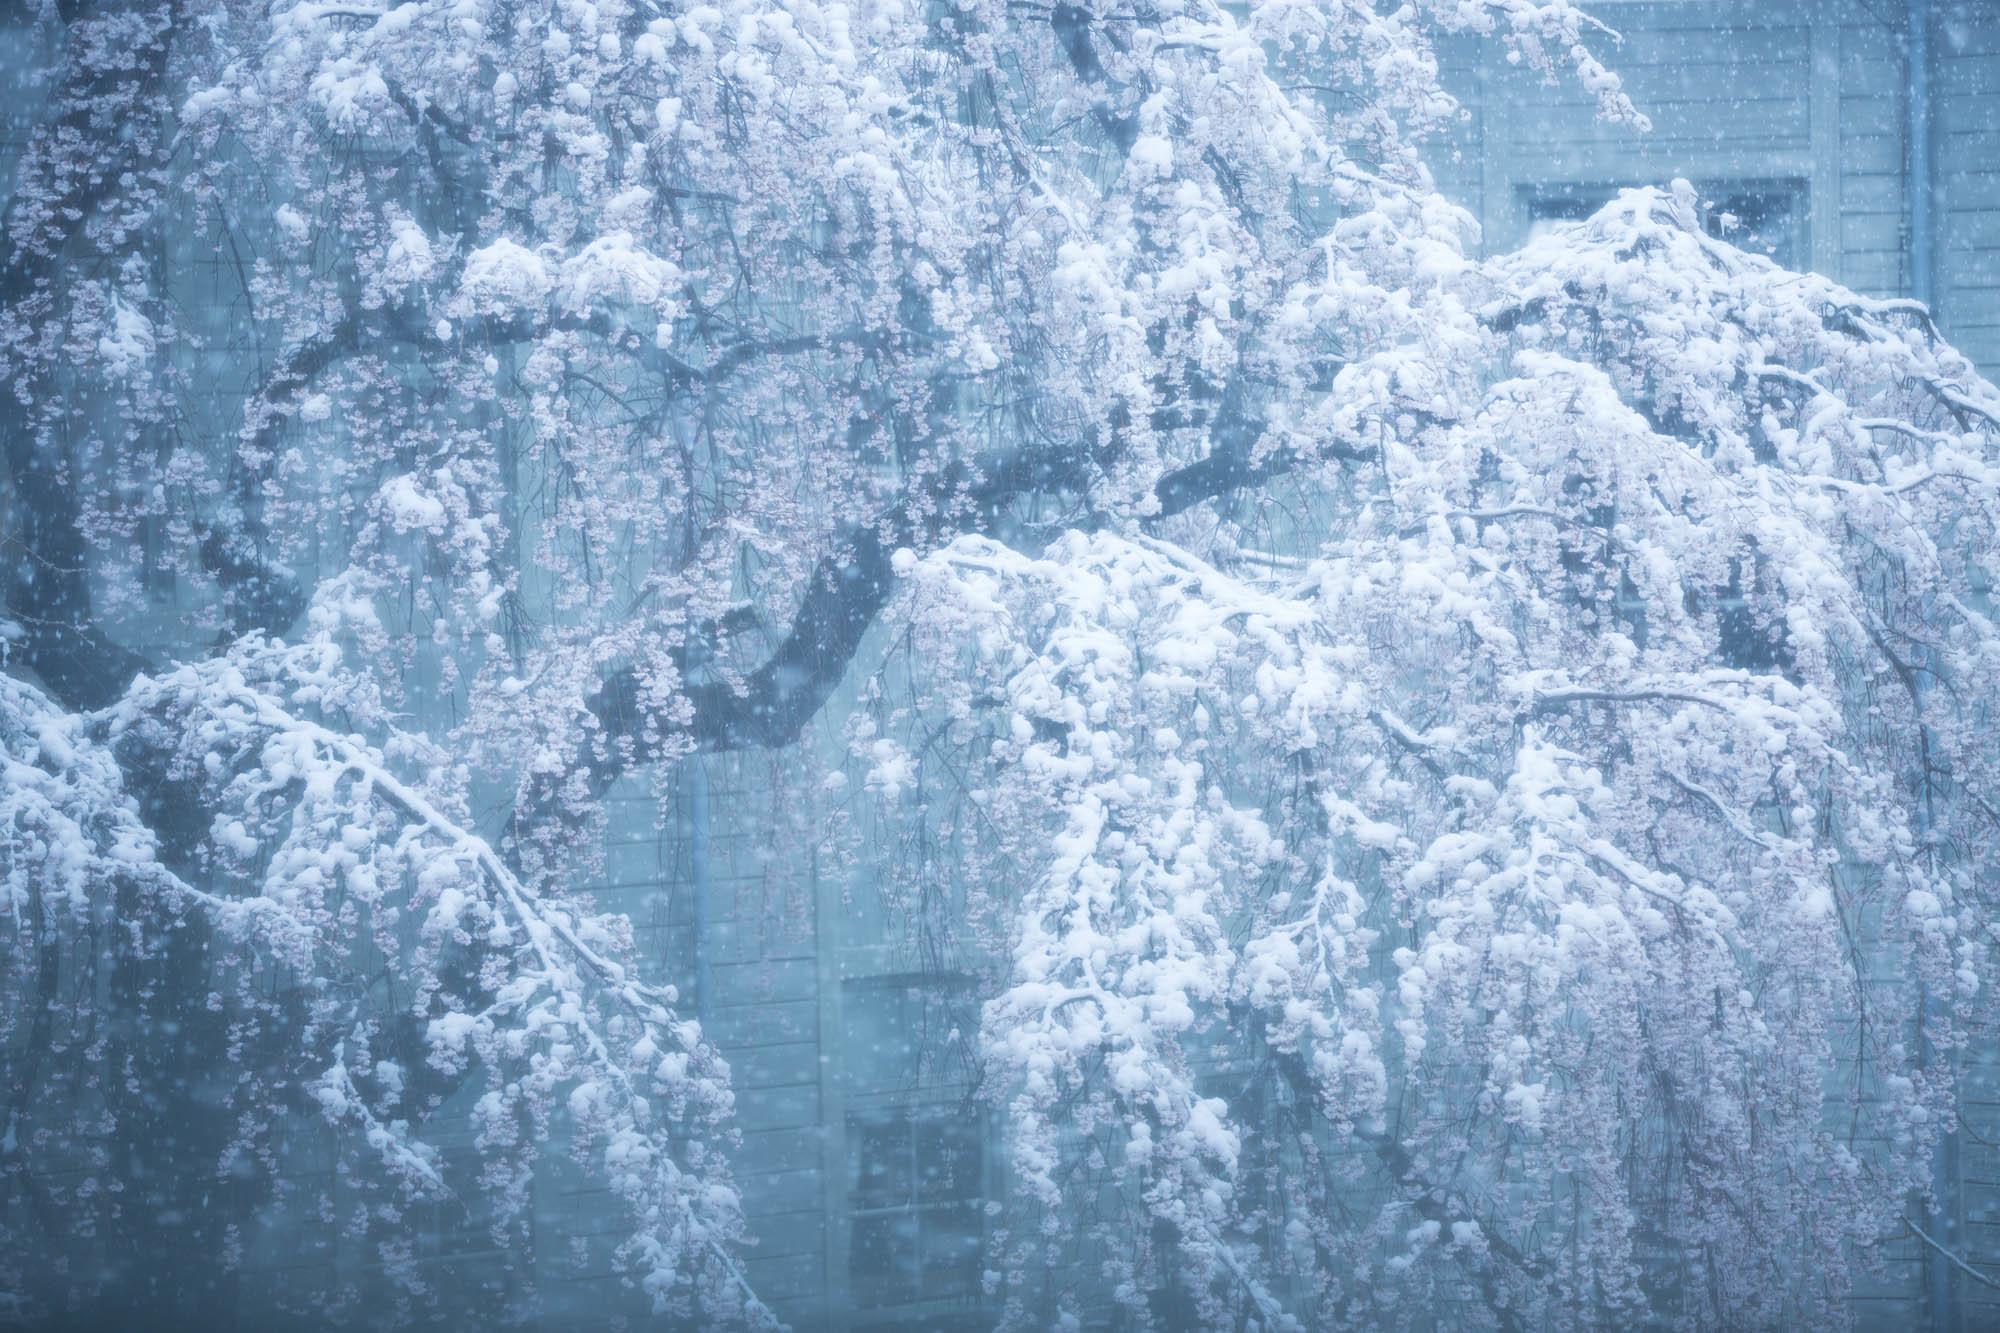 なごり雪の窓辺~あがたの森の枝垂桜~_d0349418_20491903.jpg